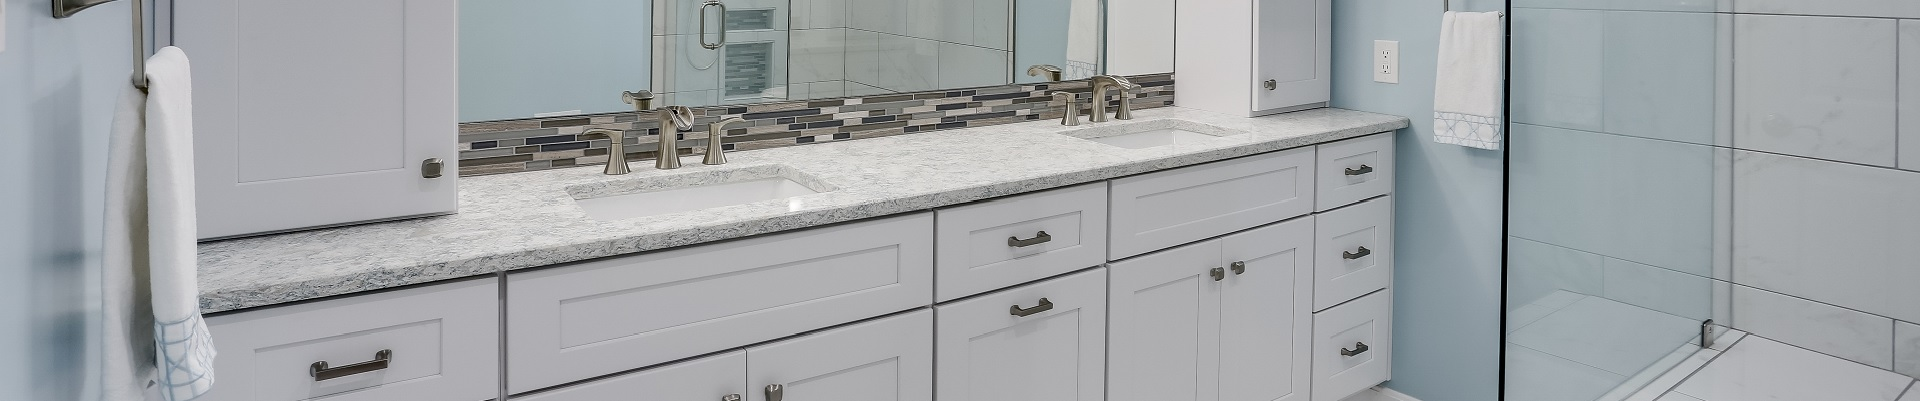 Reico Kitchen Bath